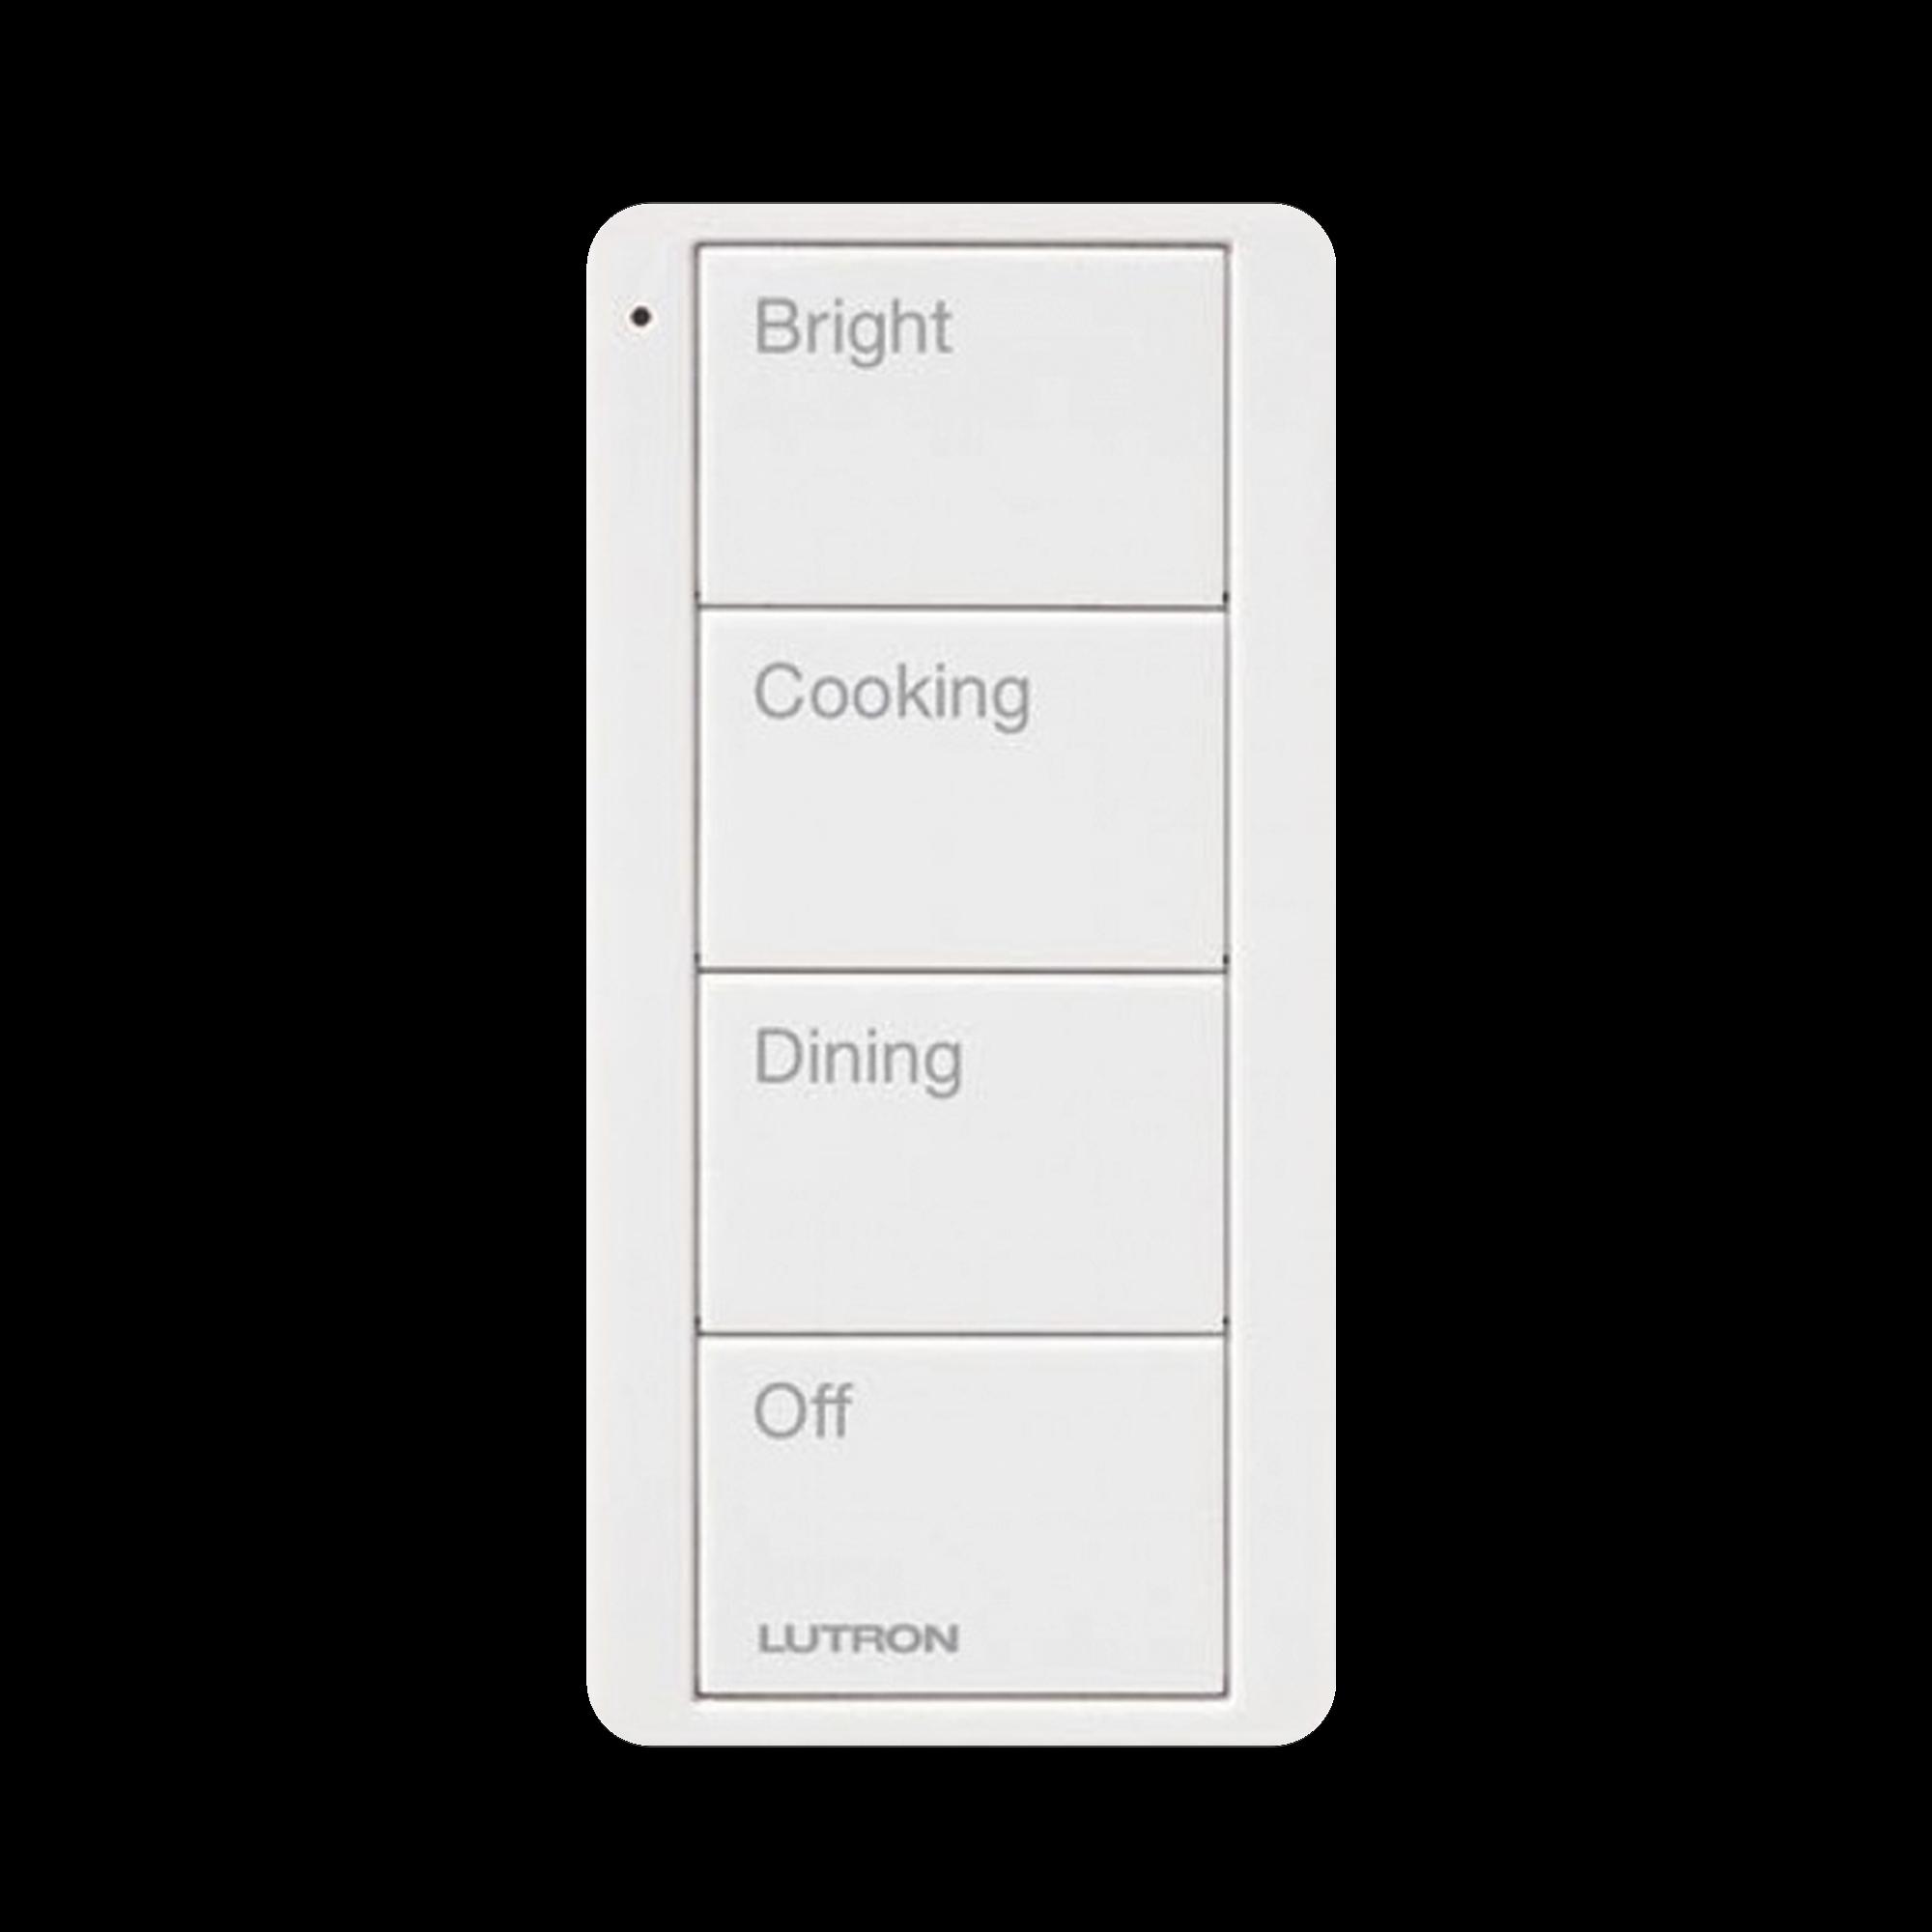 Control remoto inalambrico PICO, con escenas predefinidas para espacio en cocina.